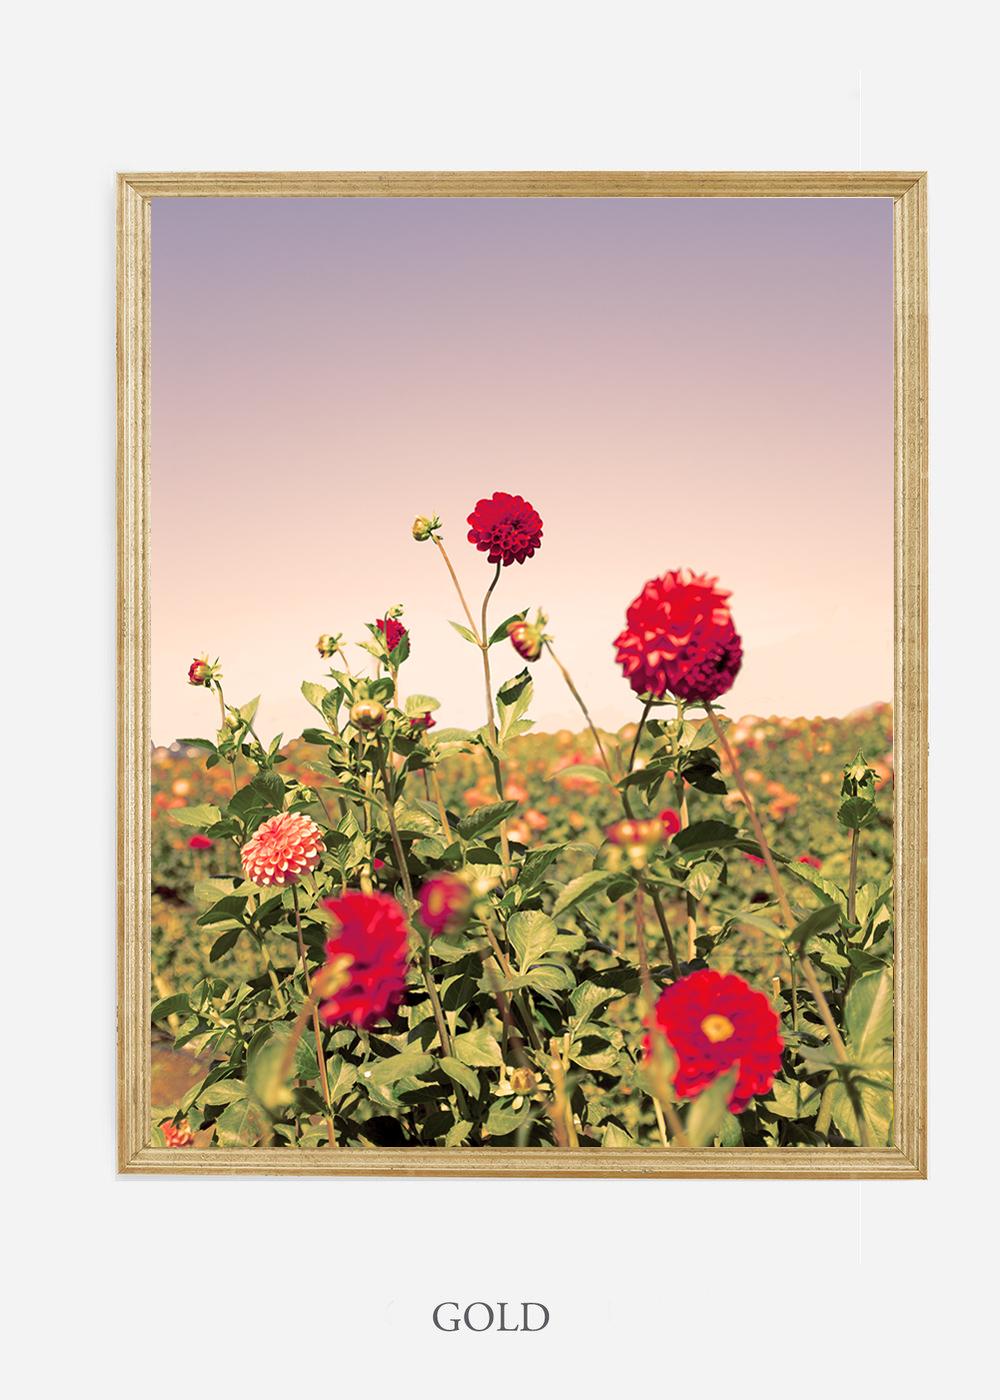 NoMat-Gold-Frame-DahliaNo.8-Wilder-California-Art-Floral-Home-decor-Prints-Dahlia-Botanical-Artwork-Interior-design.jpg